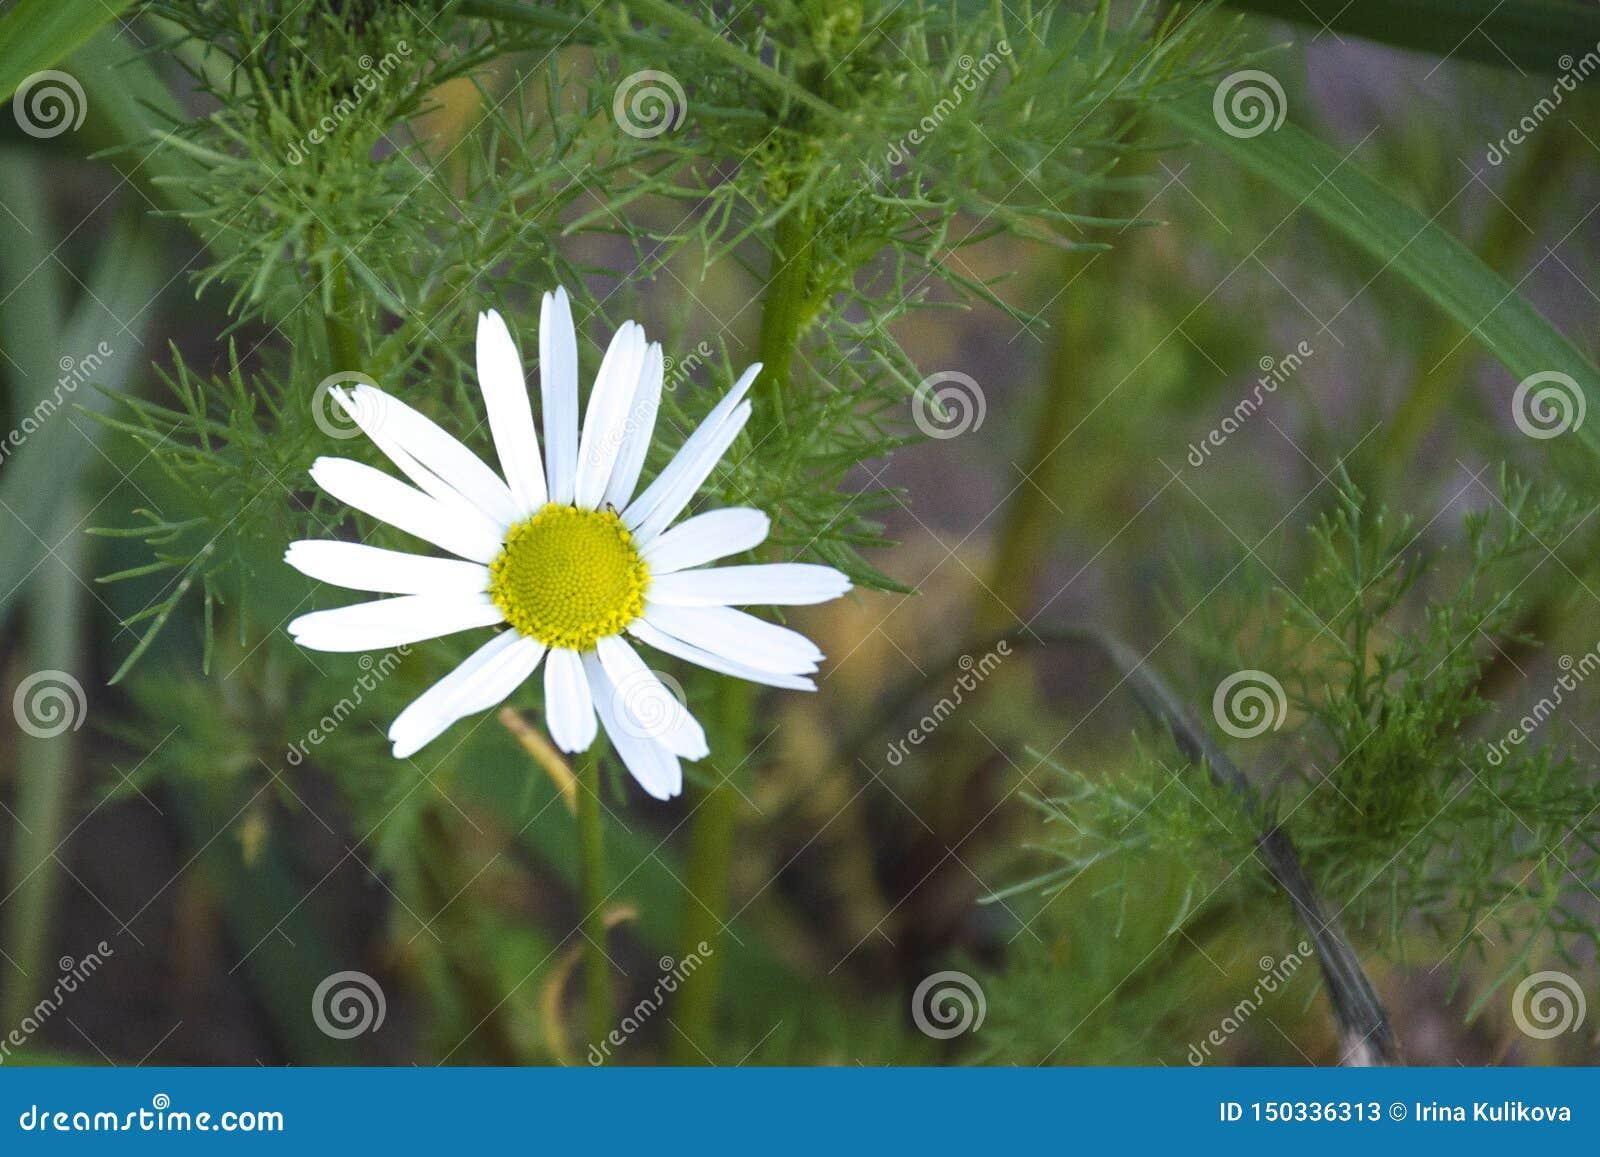 Flor de la margarita en fondo borroso de la hierba verde